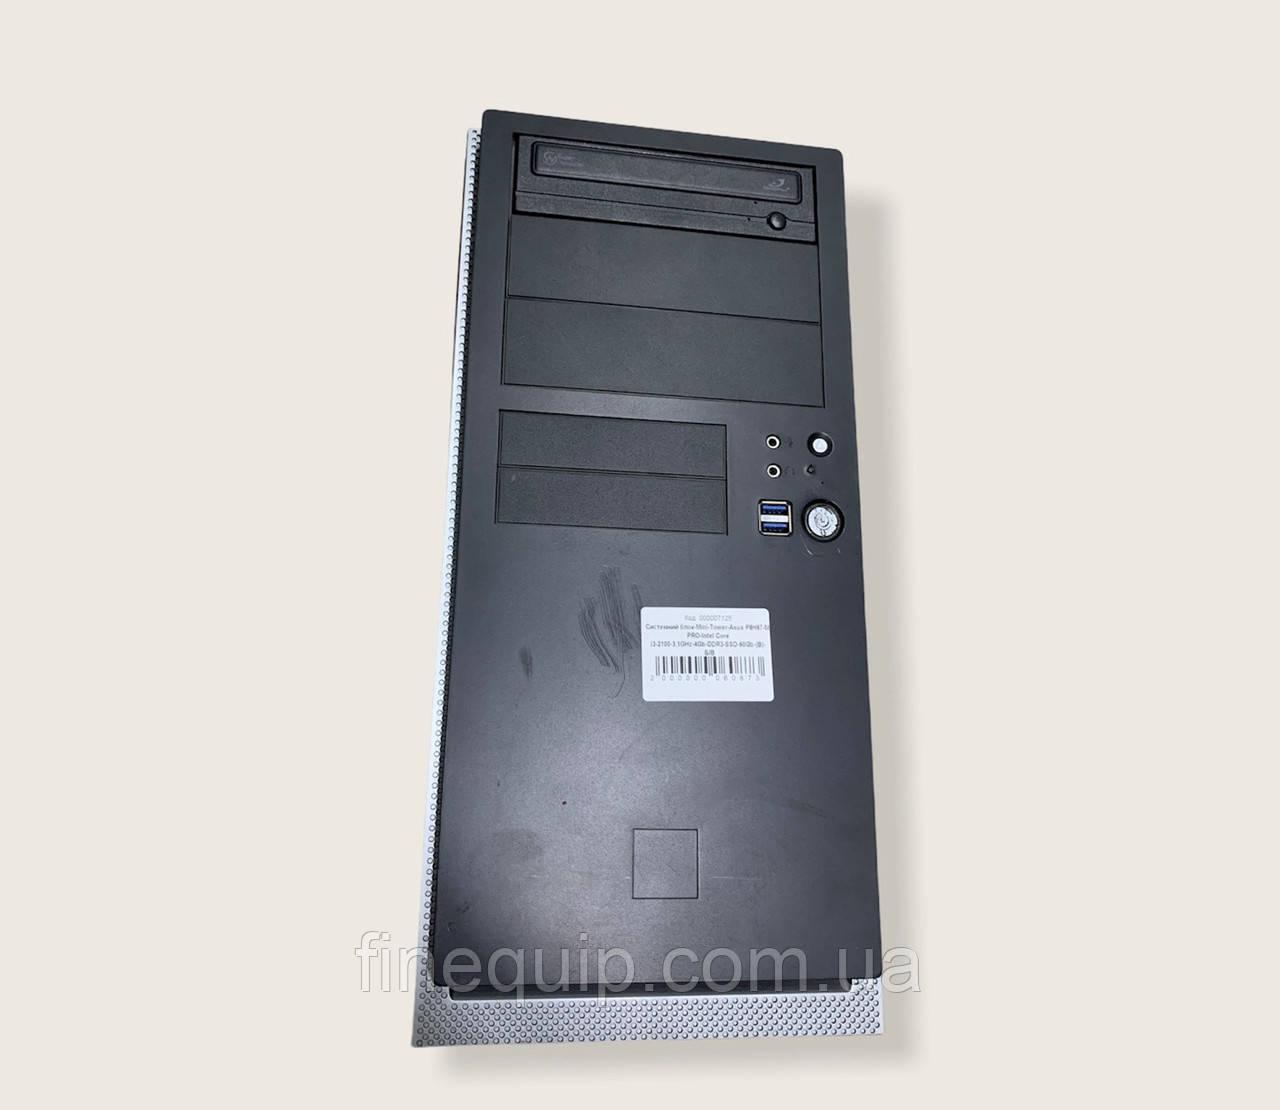 Системний блок-Mini-Tower-Asus P8H67-M PRO-Intel Core i3-2100-3,1GHz-4Gb-DDR3-SSD-60Gb-(B)- Б/В